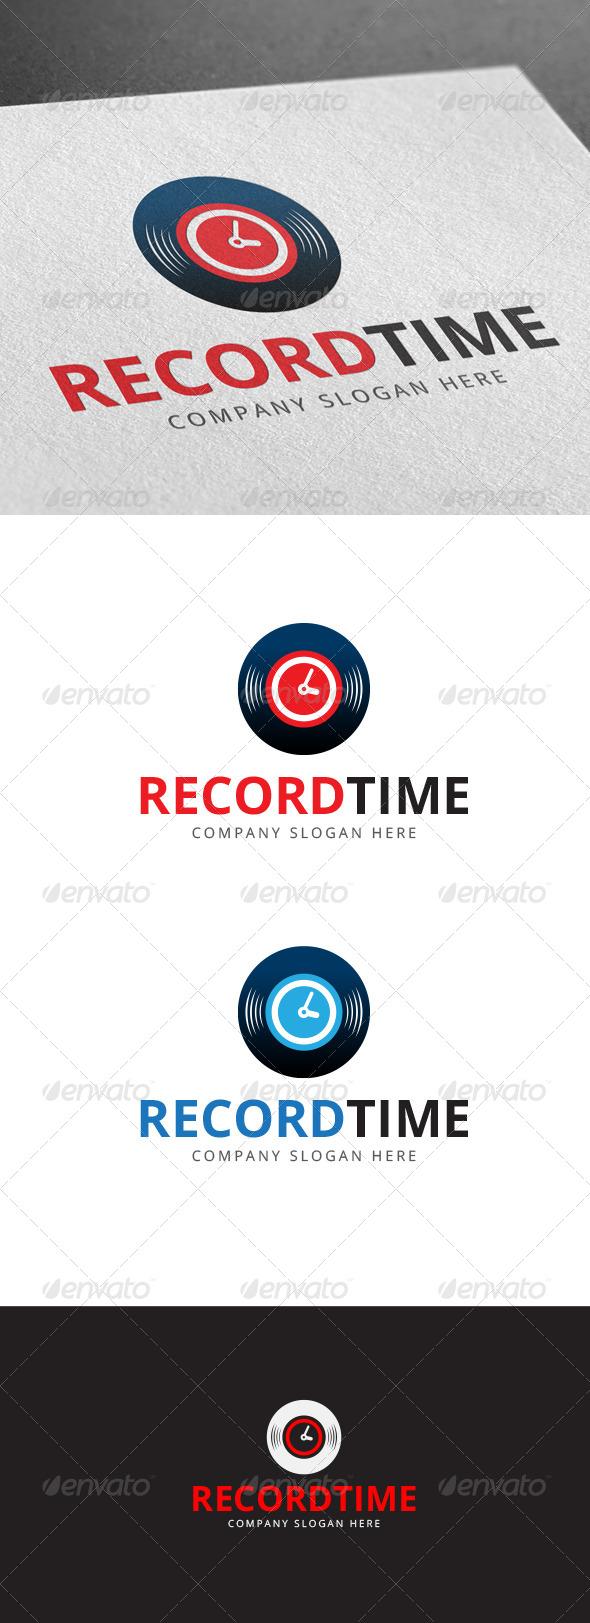 GraphicRiver Record Time 7642147